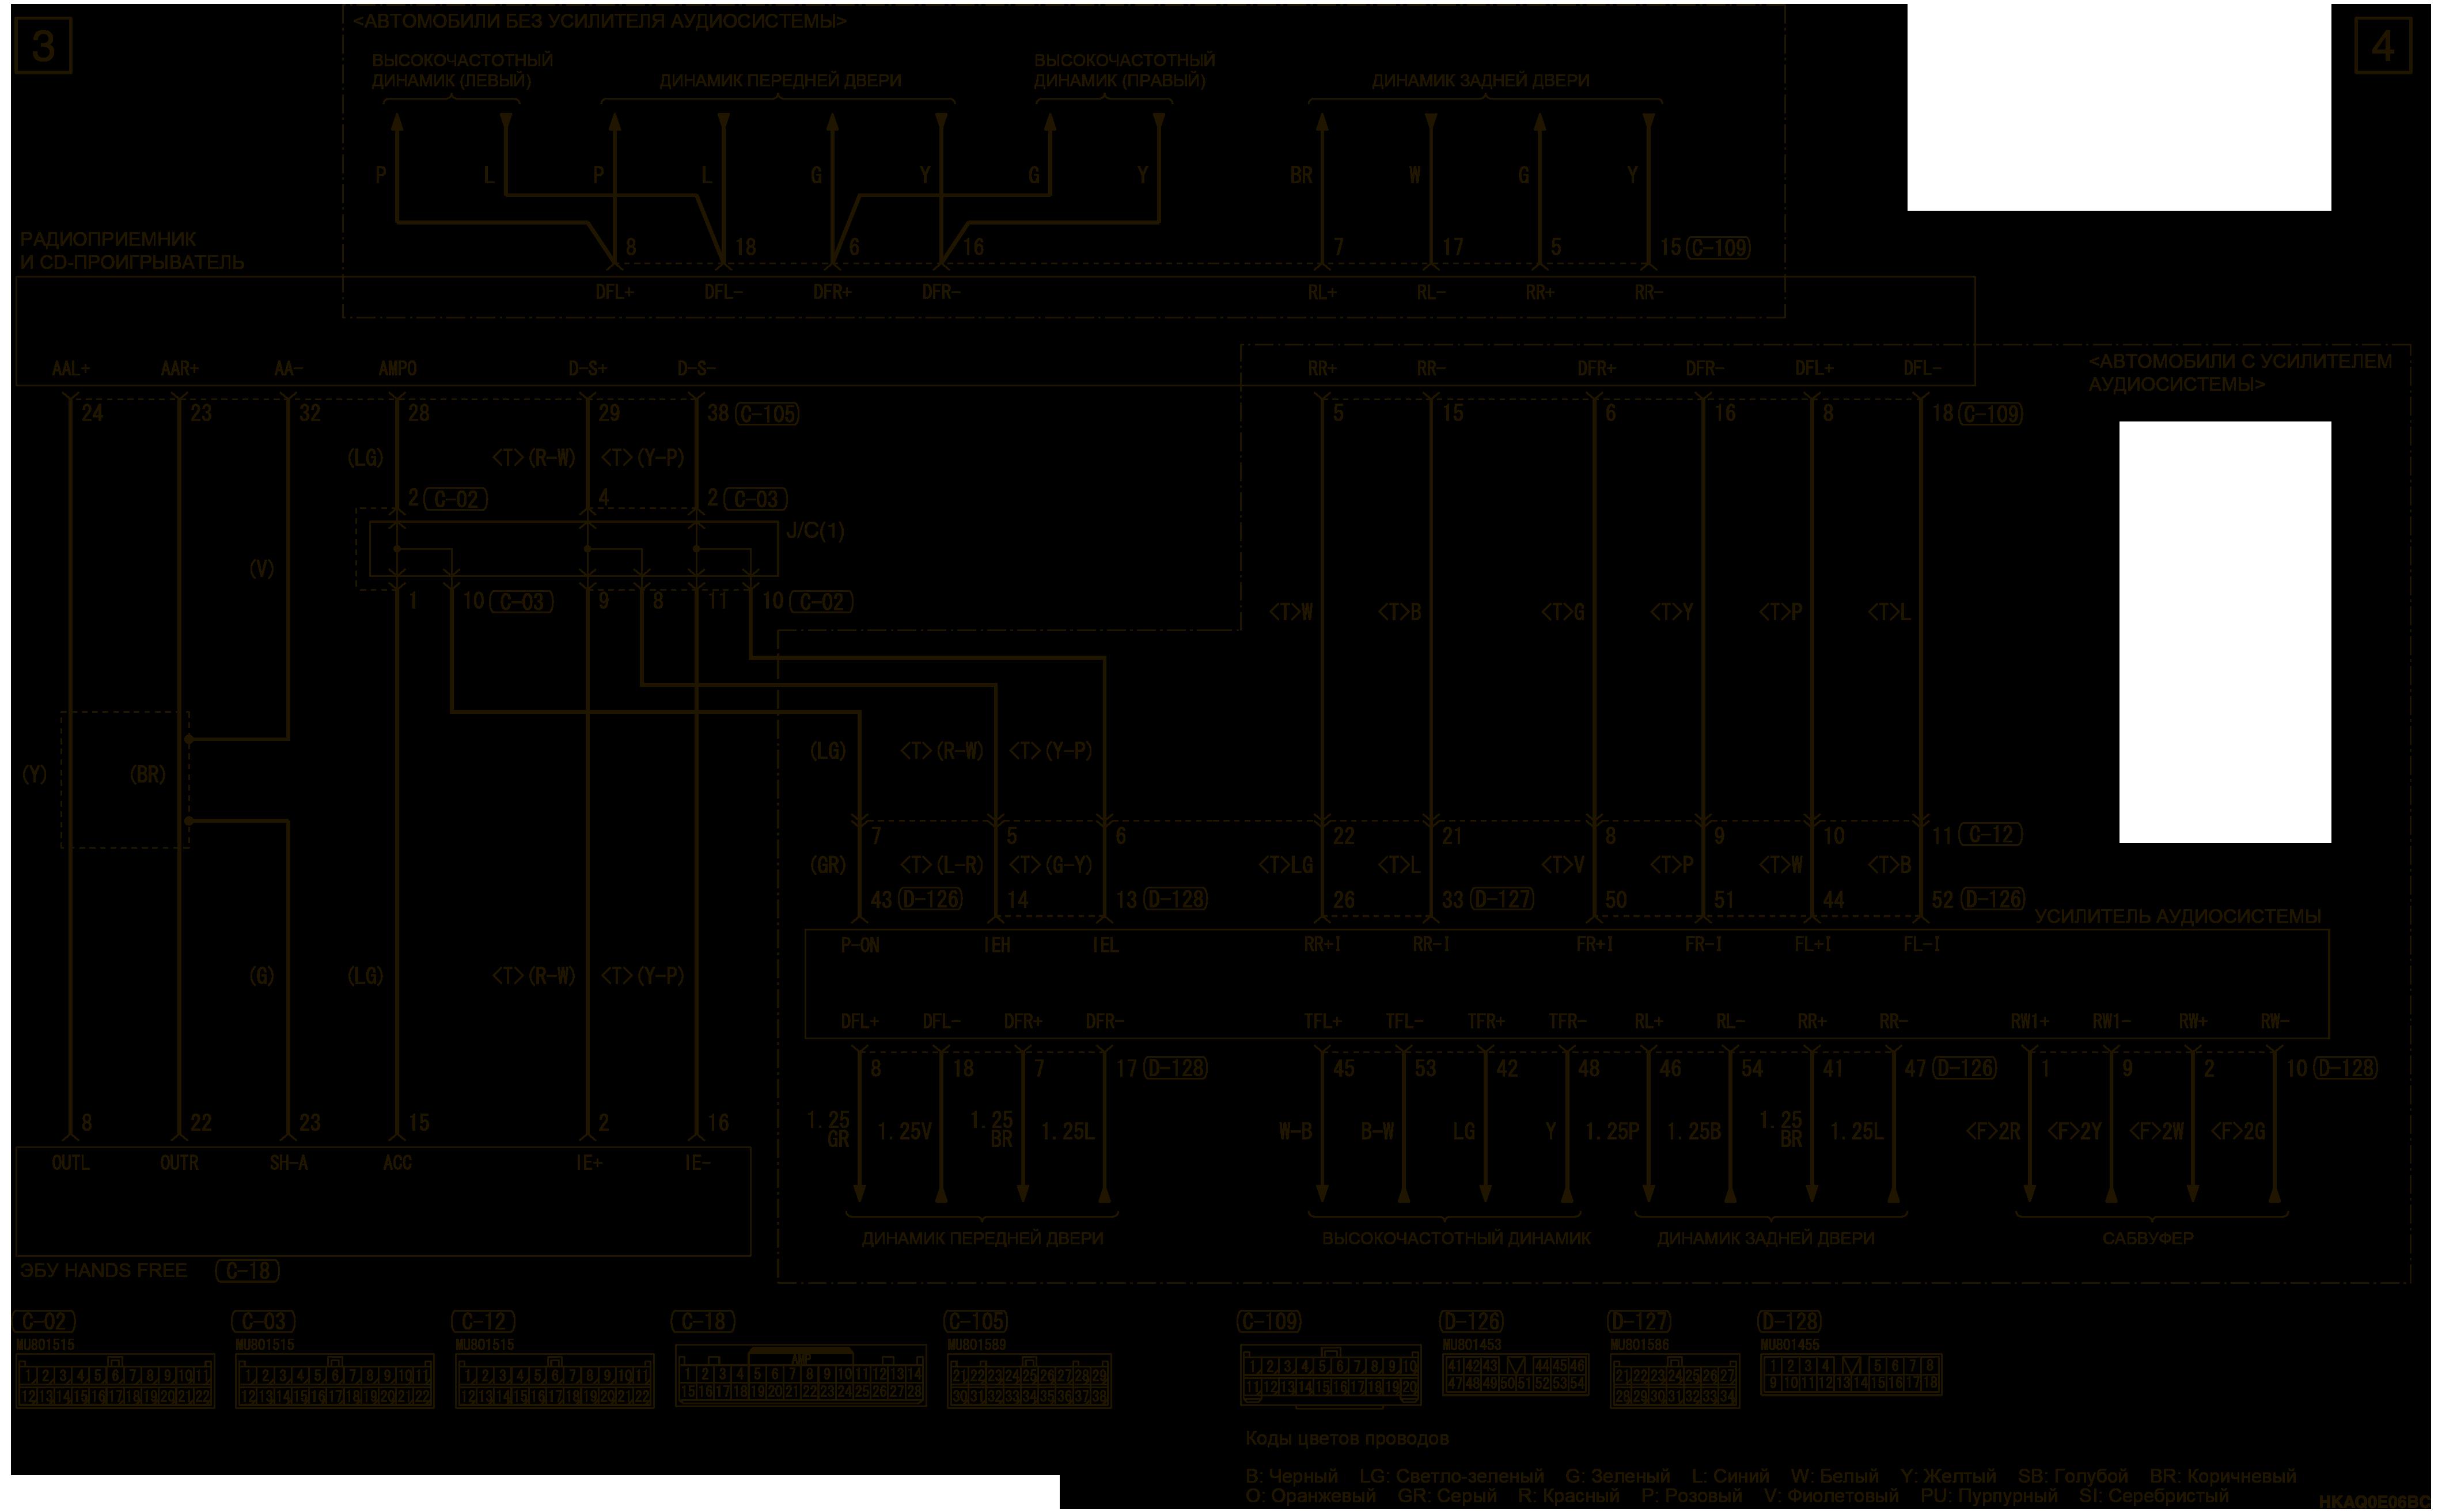 mmc аутлендер 3 2019 электросхемаСИСТЕМА ИНТЕРФЕЙСА HANDS-FREE АВТОМОБИЛИ БЕЗ АУДИОСИСТЕМЫ SMARTPHONE LINK DISPLAY И MMCS (ЛЕНОВОСТОРОННЕЕ УПРАВЛЕНИЕ)